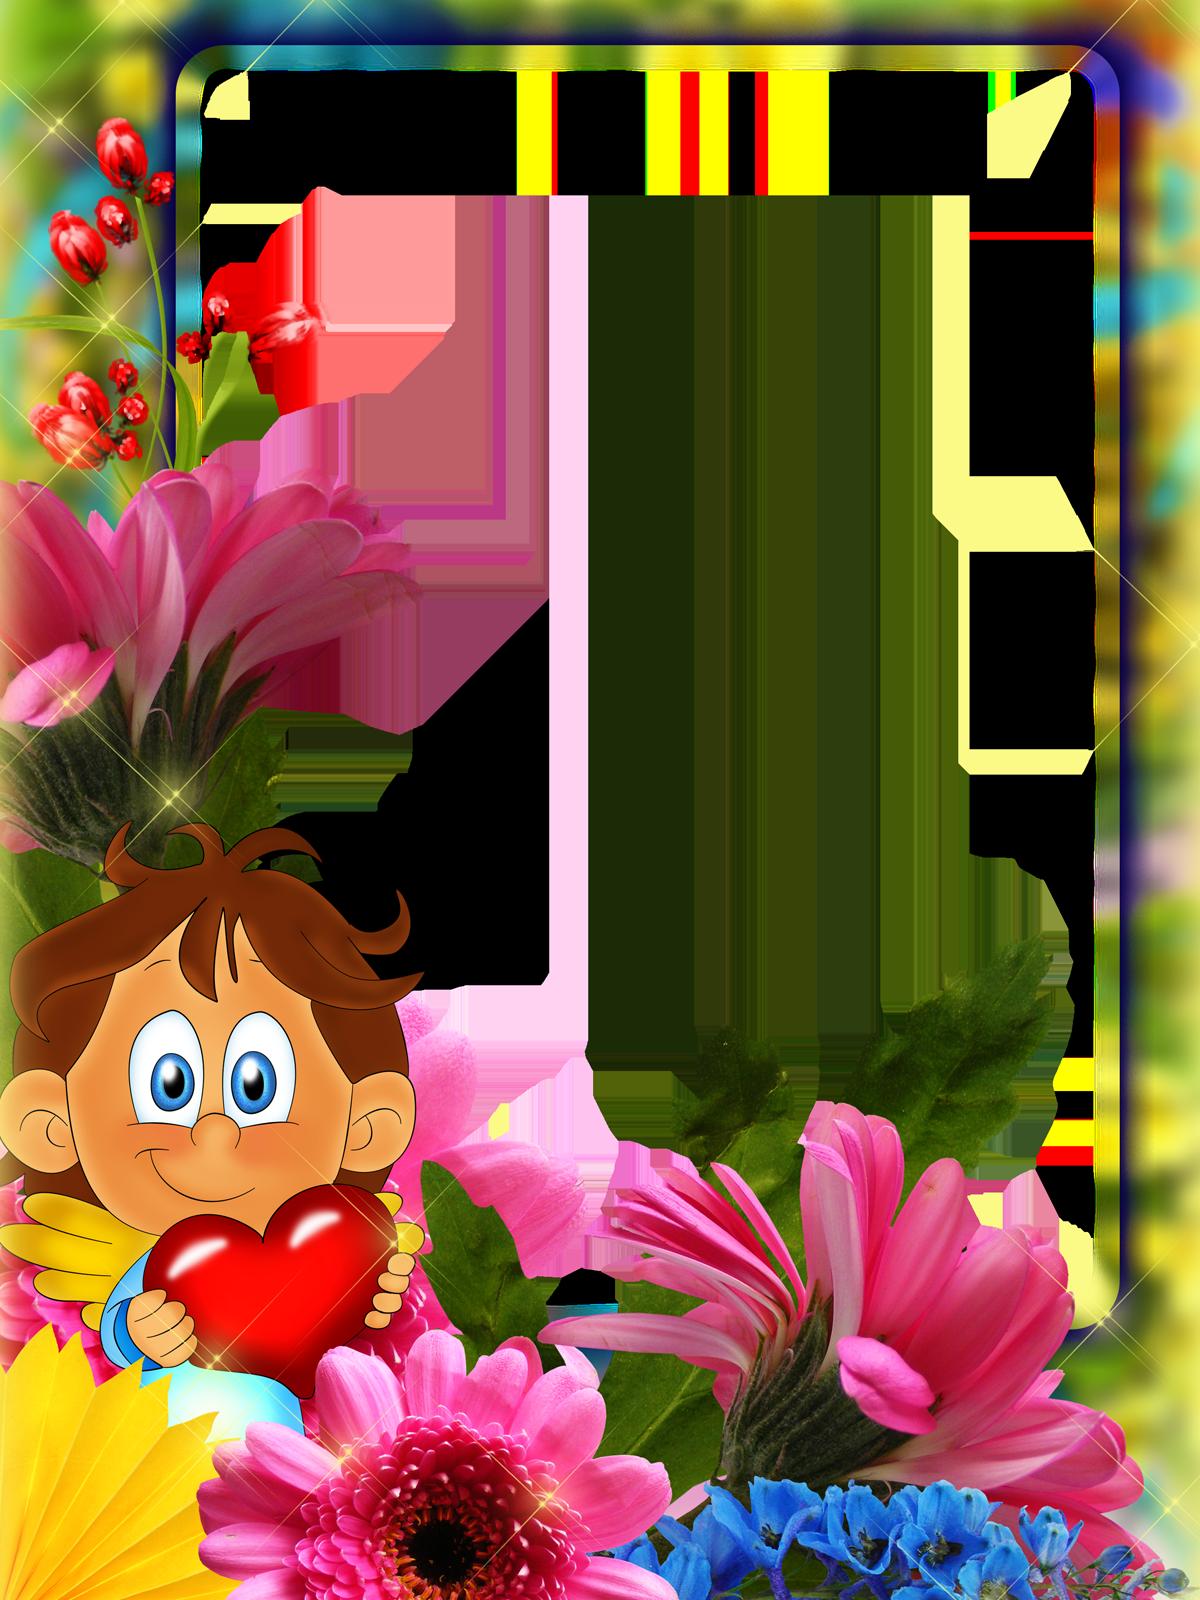 Фоторамка Сердечко в руках Фоторамка для фотошопа, PNG шаблон. Фоторамка для влюбленных. Мальчик с сердечком в руках. Цветы. Любовь. Валентинка. Романтика.